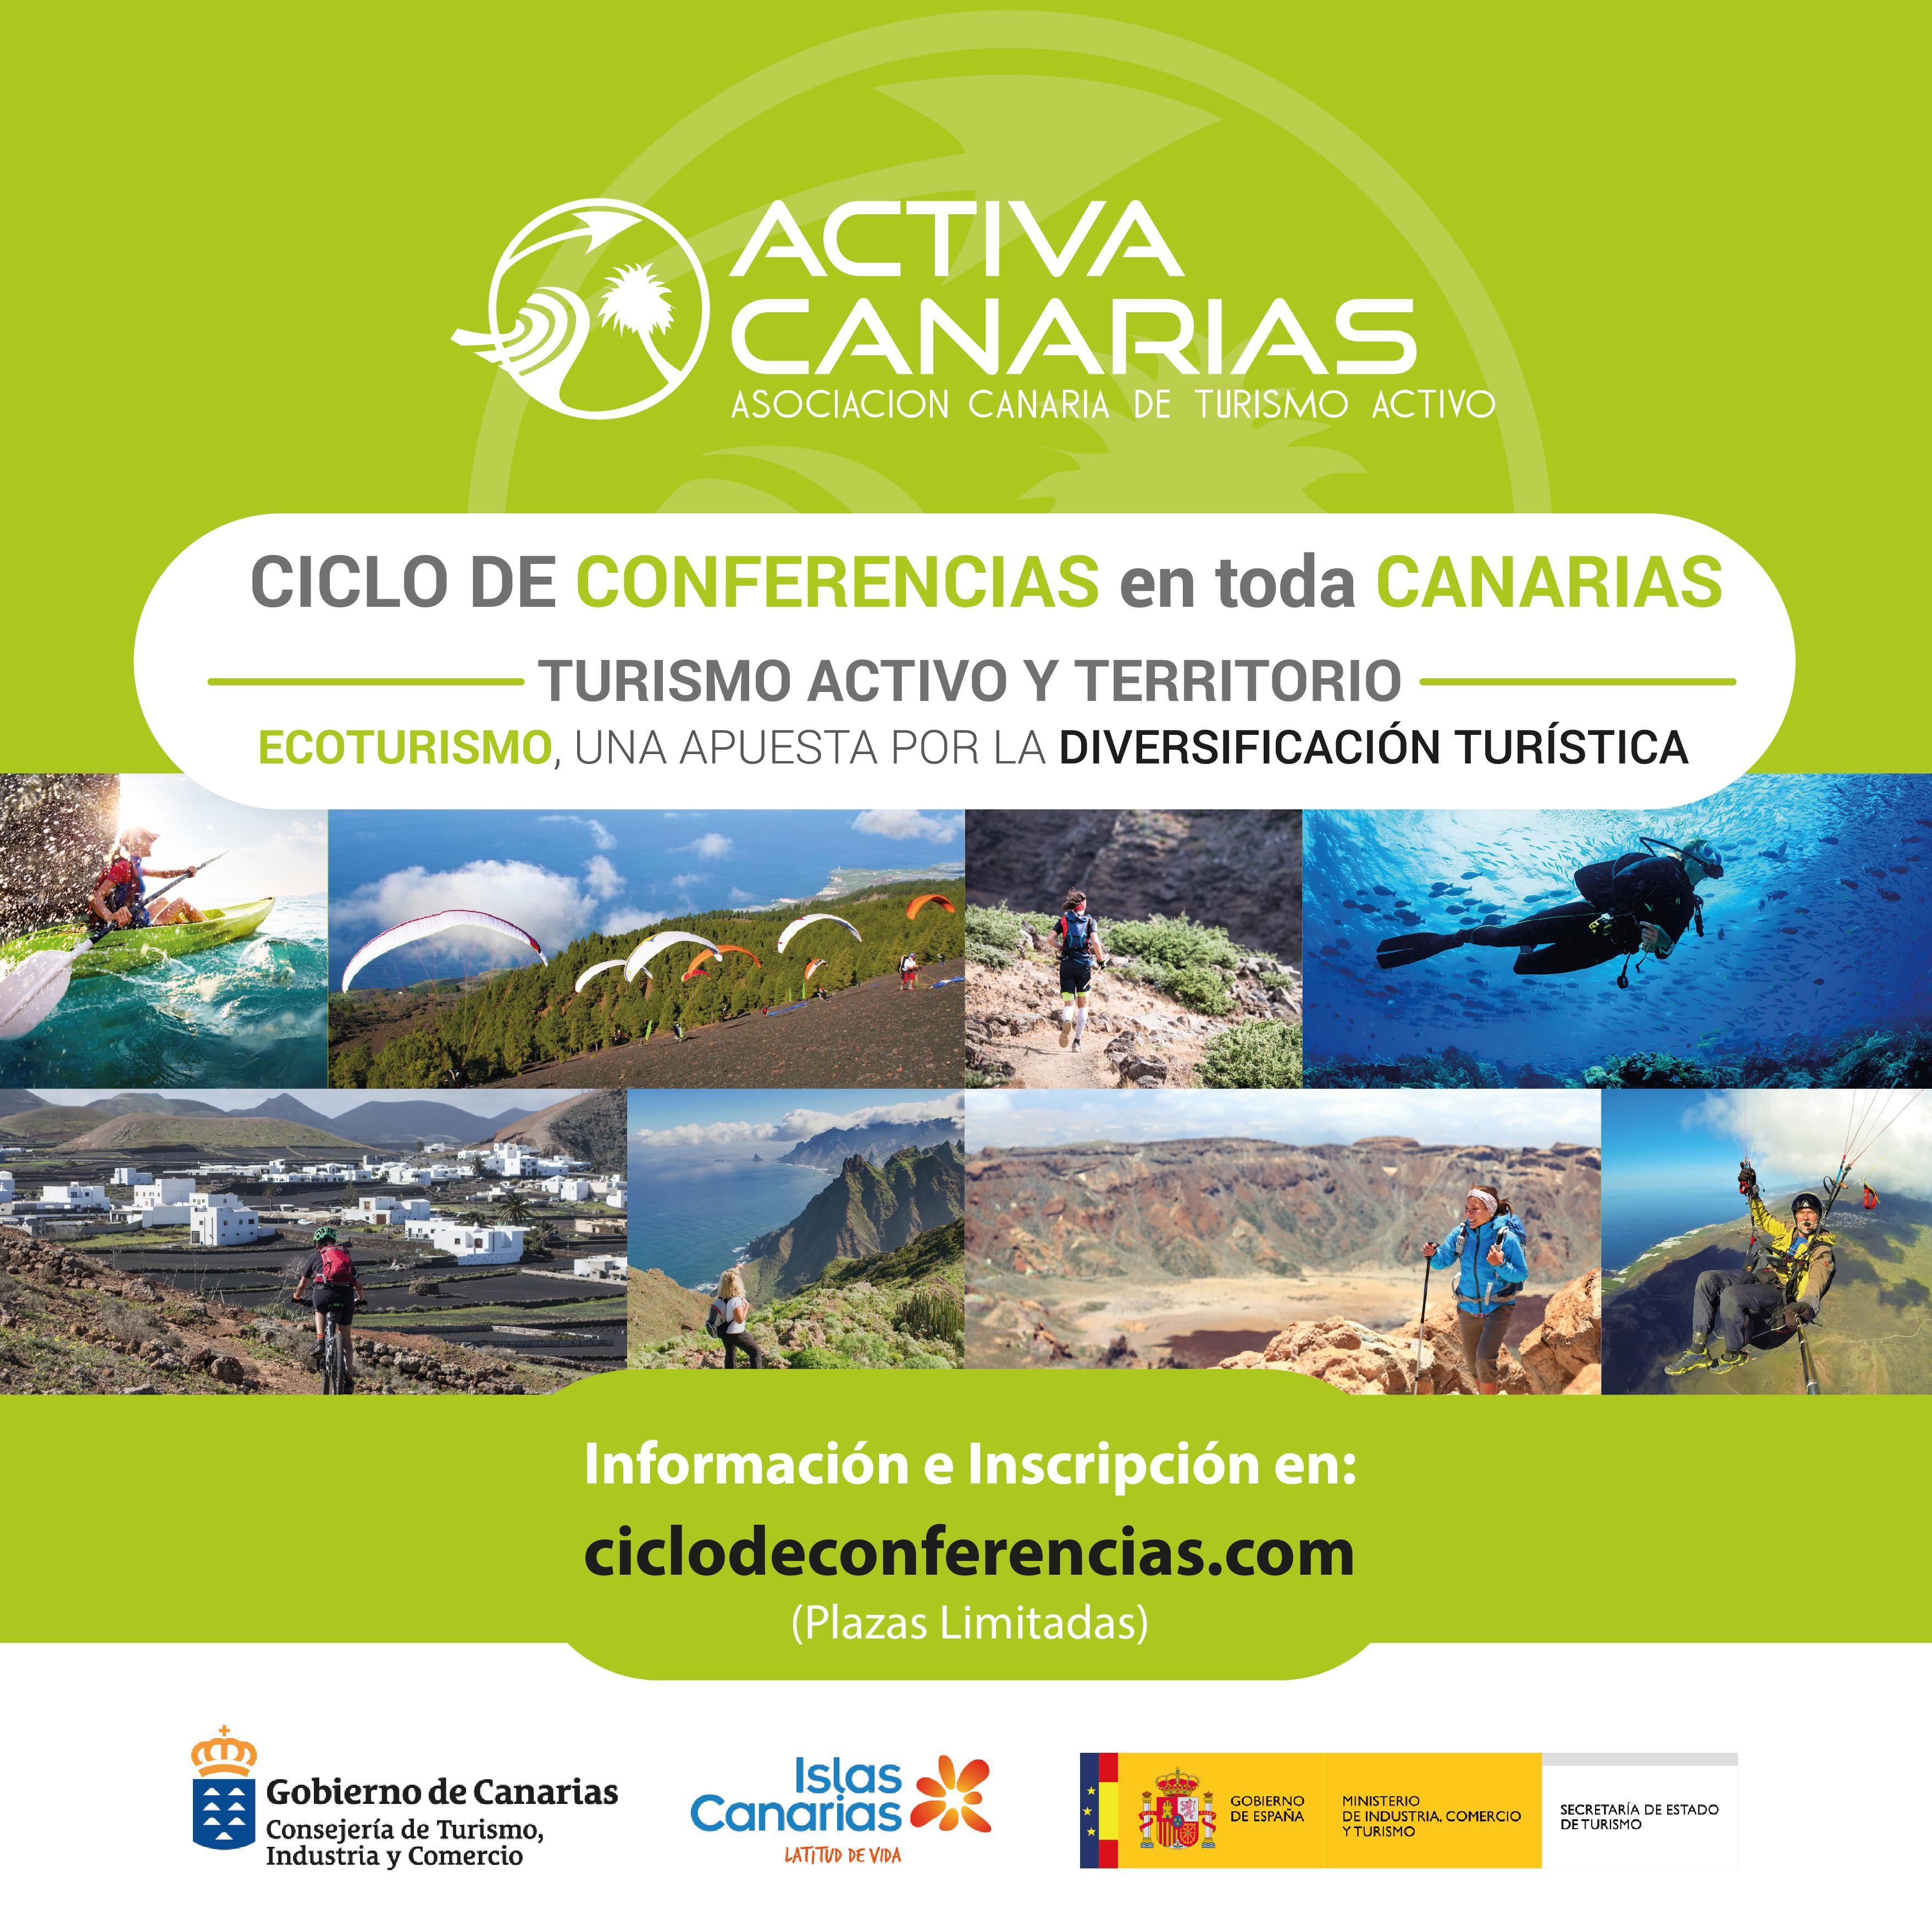 Activa Canarias pone el foco en Tenerife